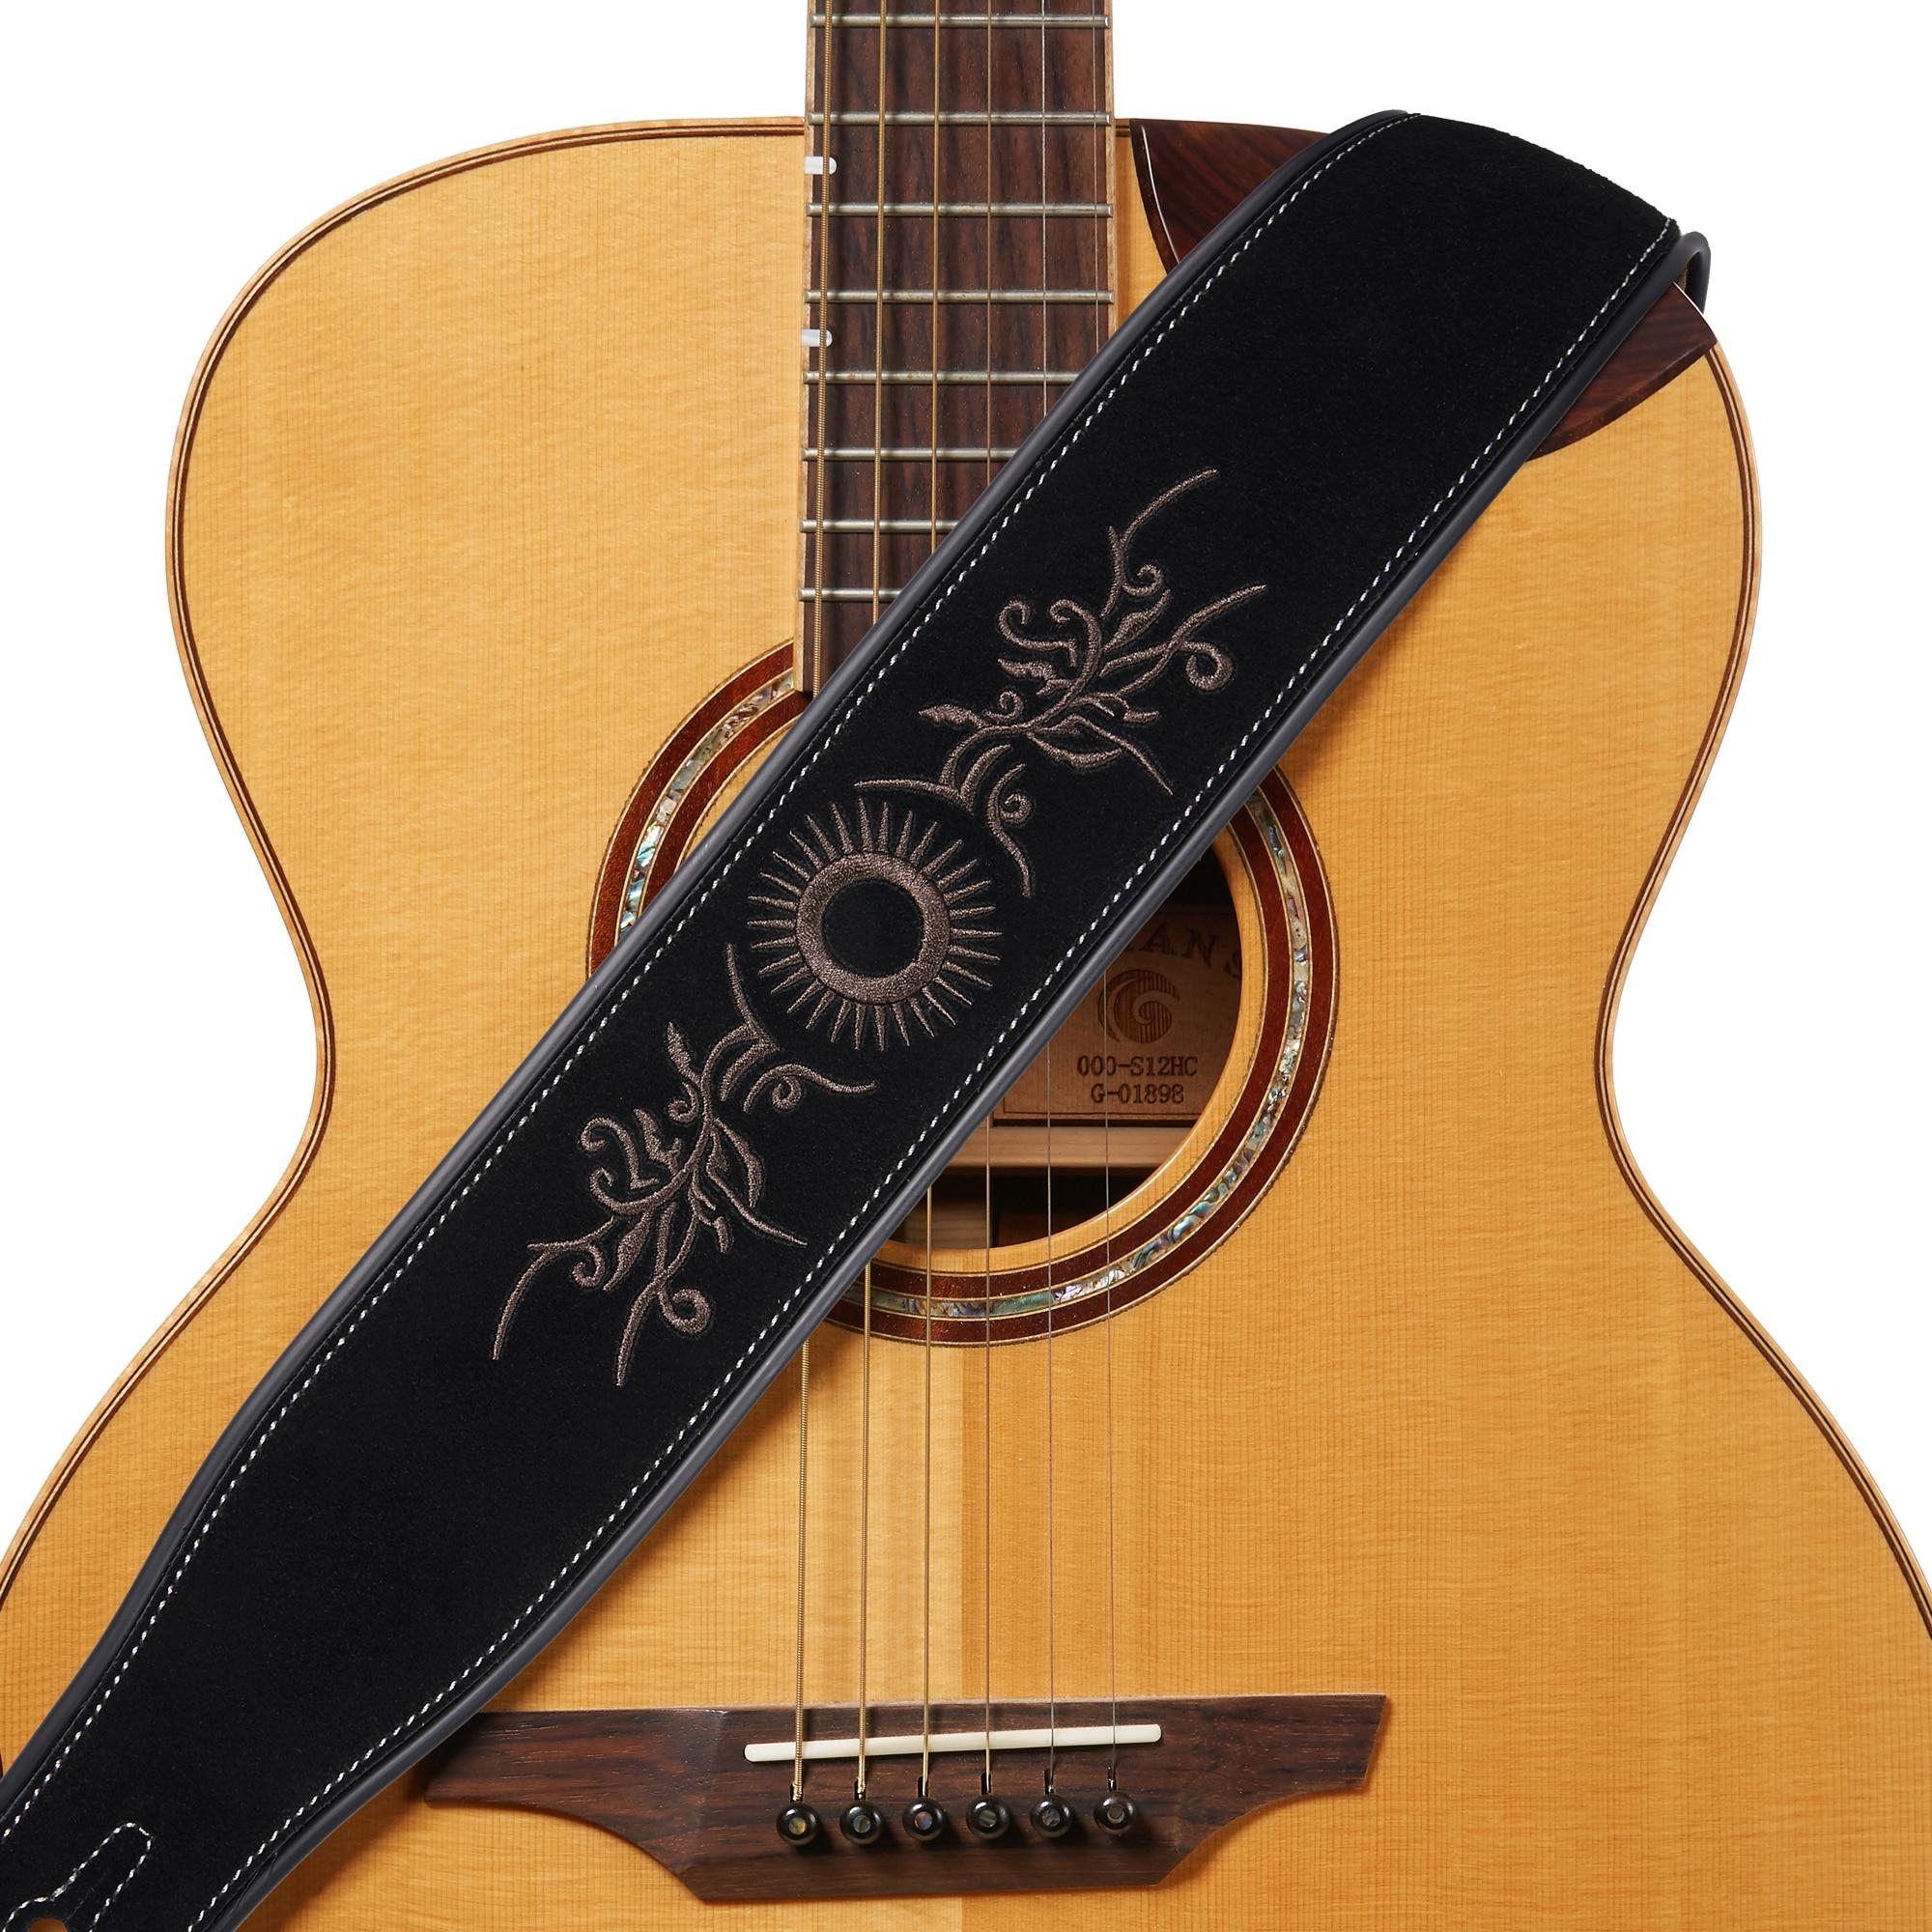 Amumu Tribal Brodé Suede Premium En Cuir Sangle De Guitare Noir HJ1134 Réglable Longueur Acoustique Électrique Guitares Basses